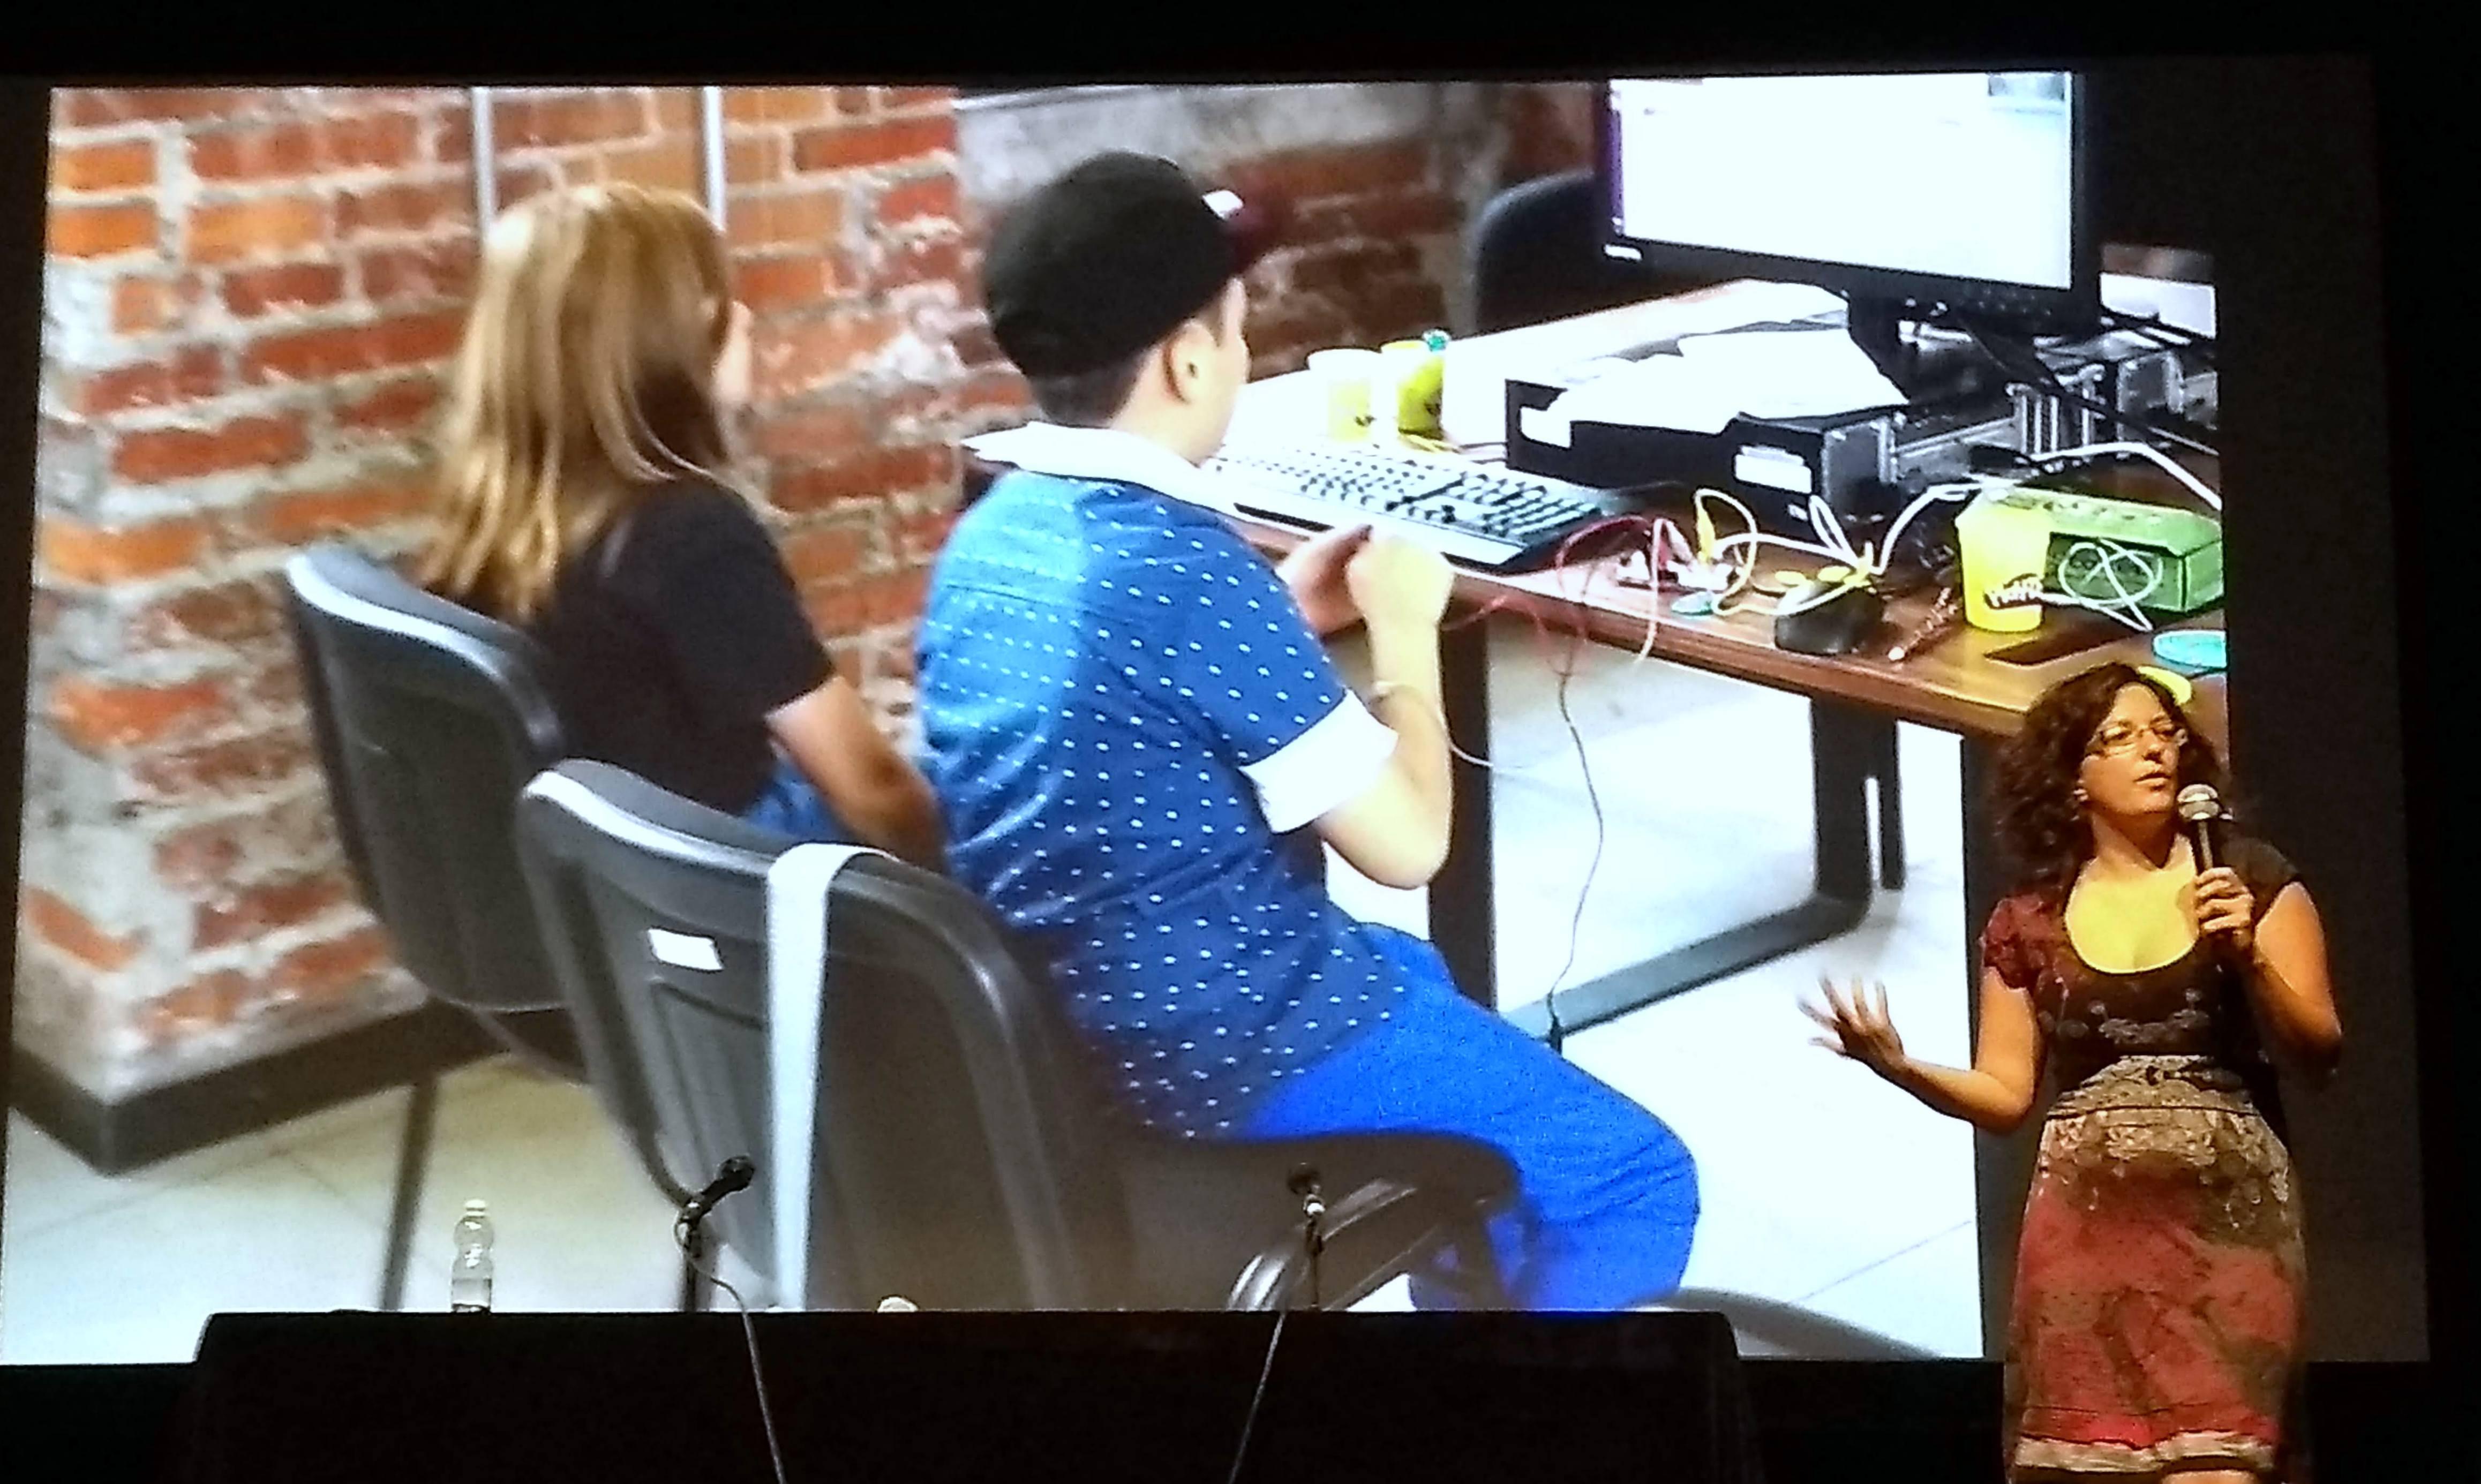 Conferencia de Eurídice Cabañes [Digital Jove 2018]: Videojuegos para el cambio social: género, educación y participación ciudadana